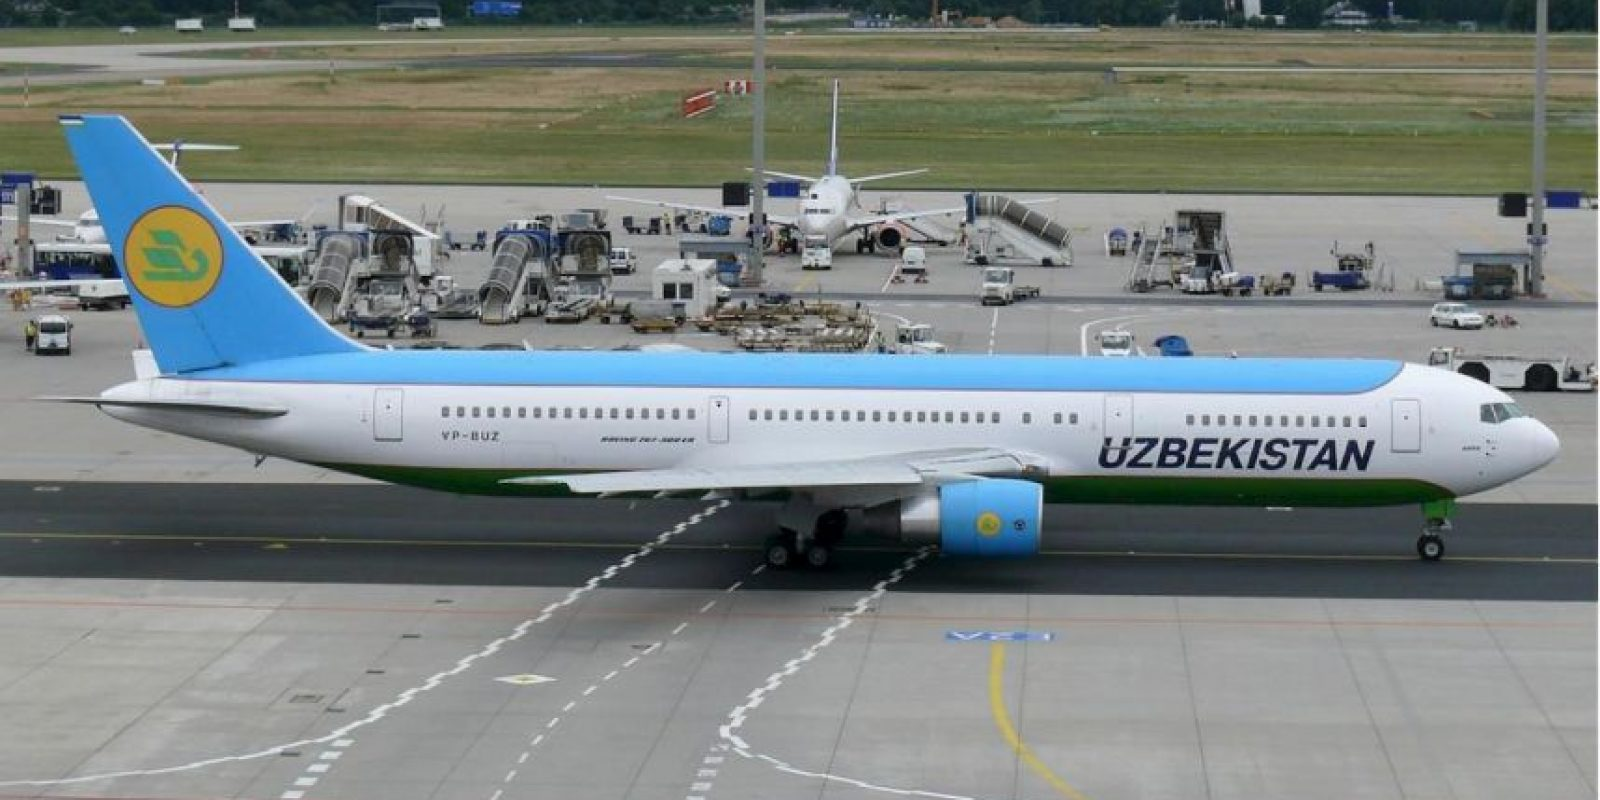 La aerolínea no ha aclarado qué medida considerara sobrepeso. Foto:Vía facebook.com/Uzbekistan-Airways